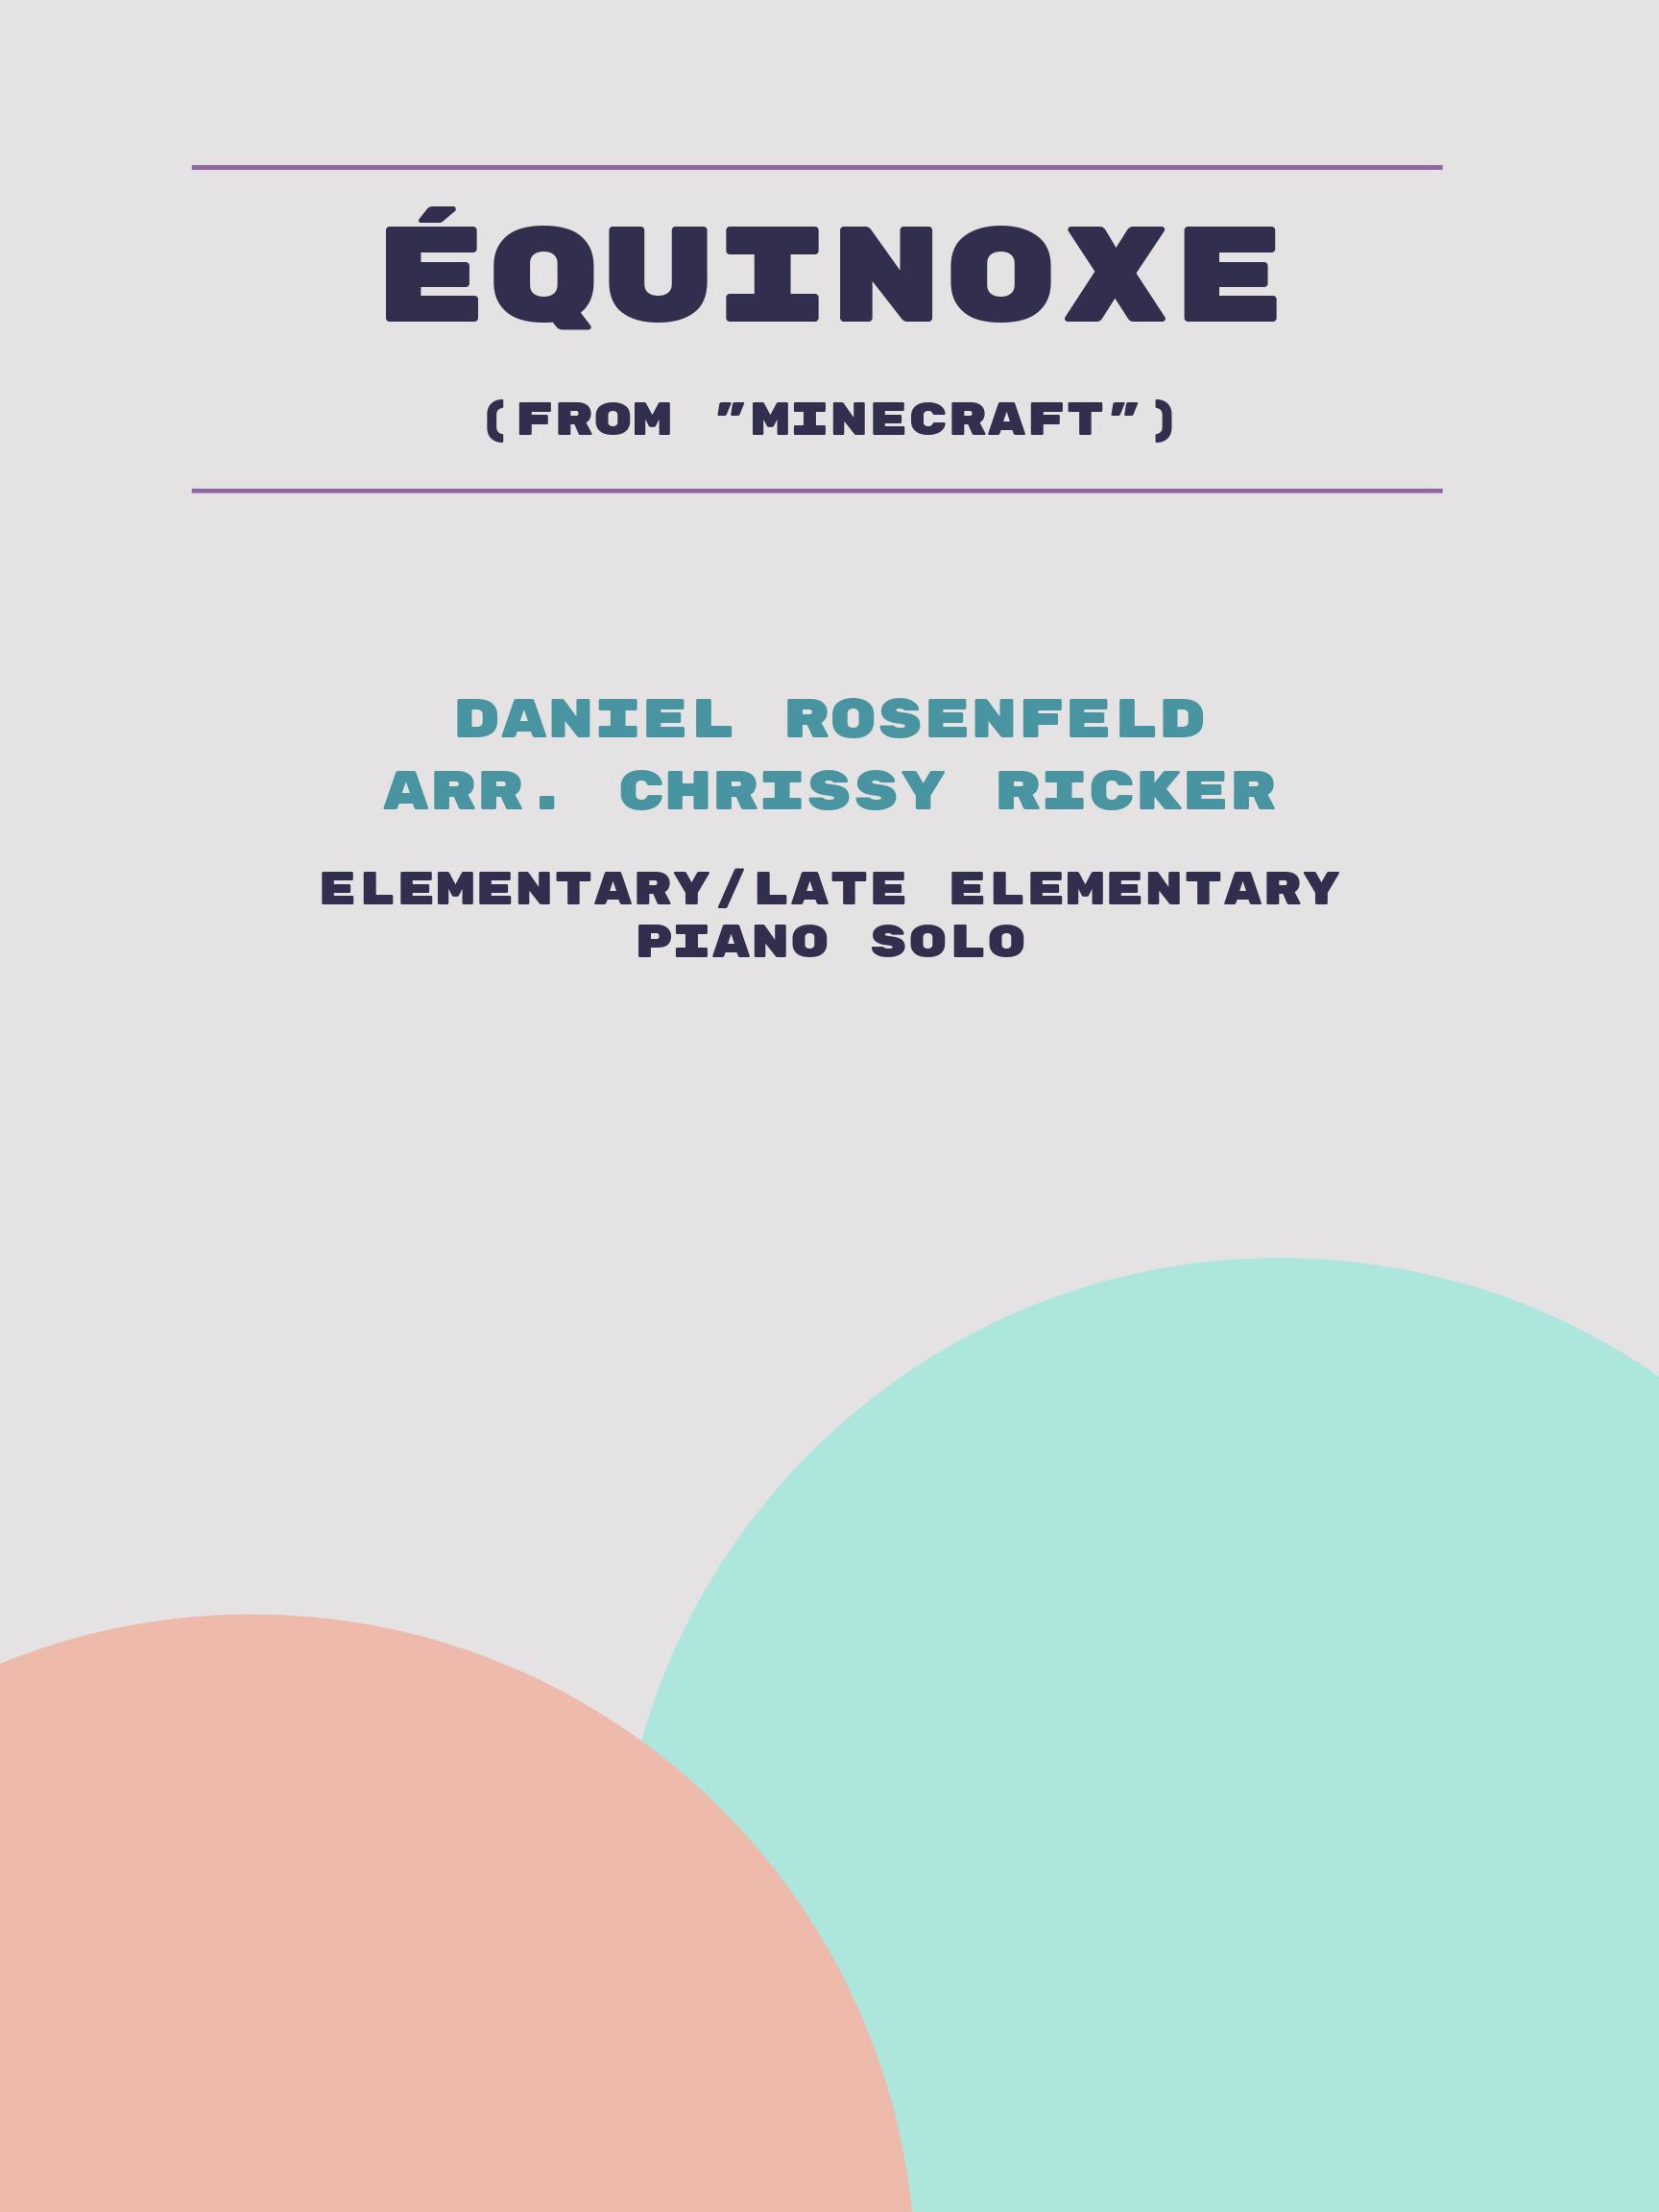 Équinoxe by Daniel Rosenfeld